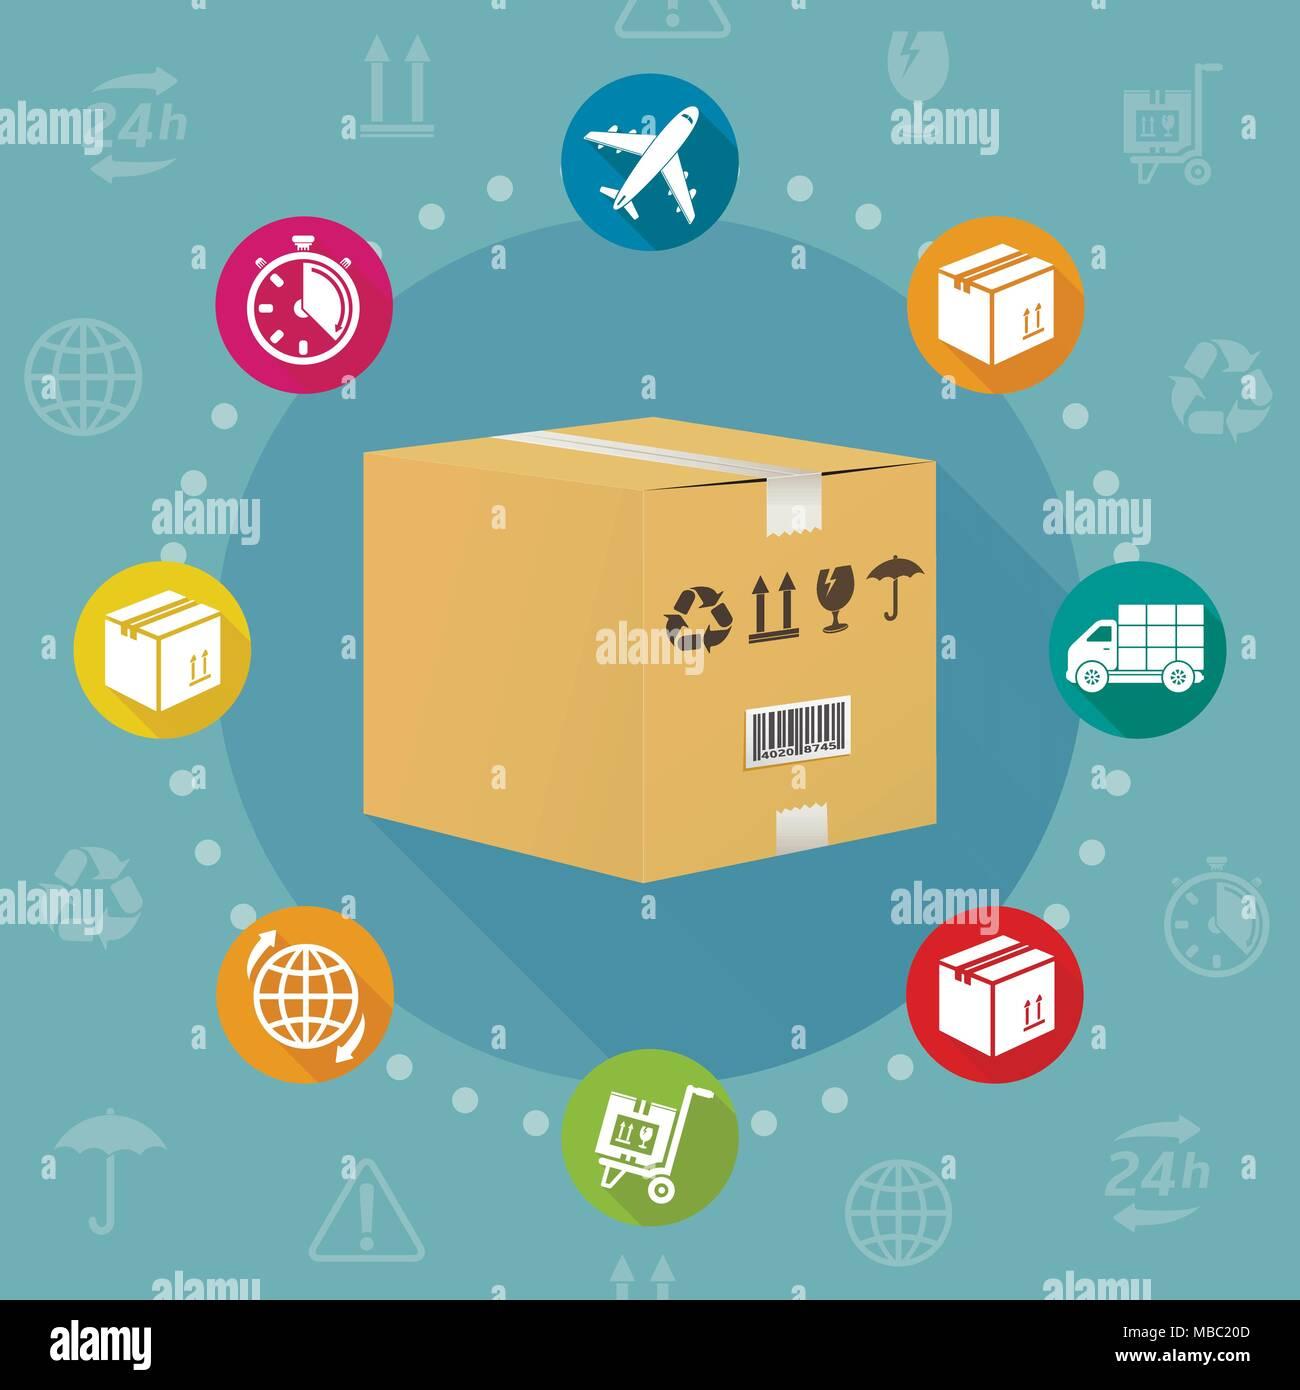 Servizio di consegna il design piatto, illustrazione vettoriale Immagini Stock